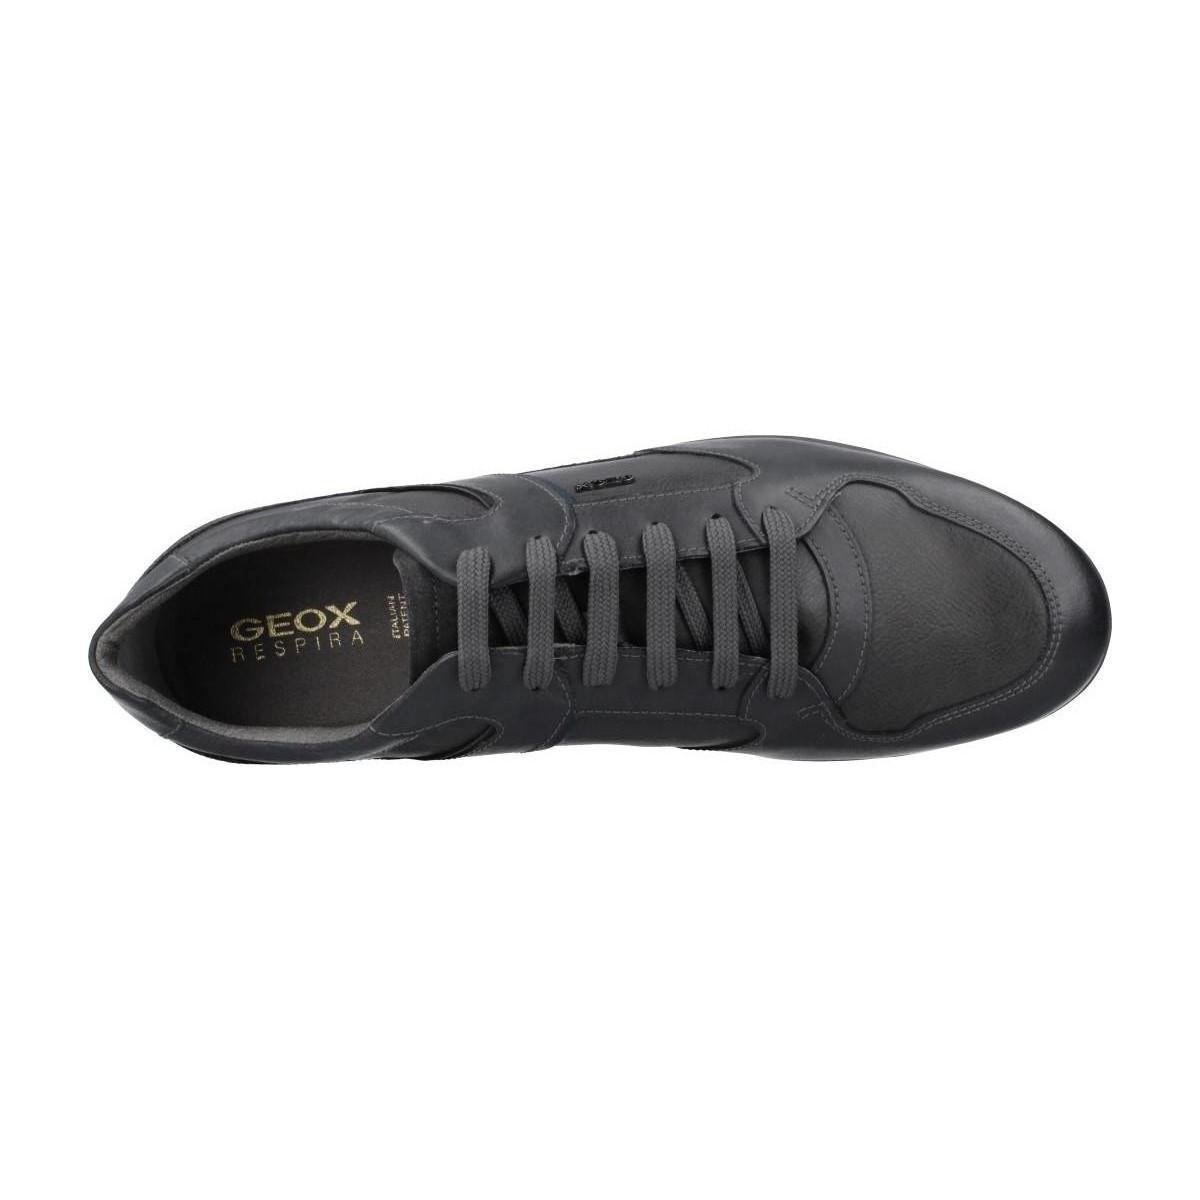 Geox Lage Sneakers Clme Uomo Symbol in het Grijs voor heren